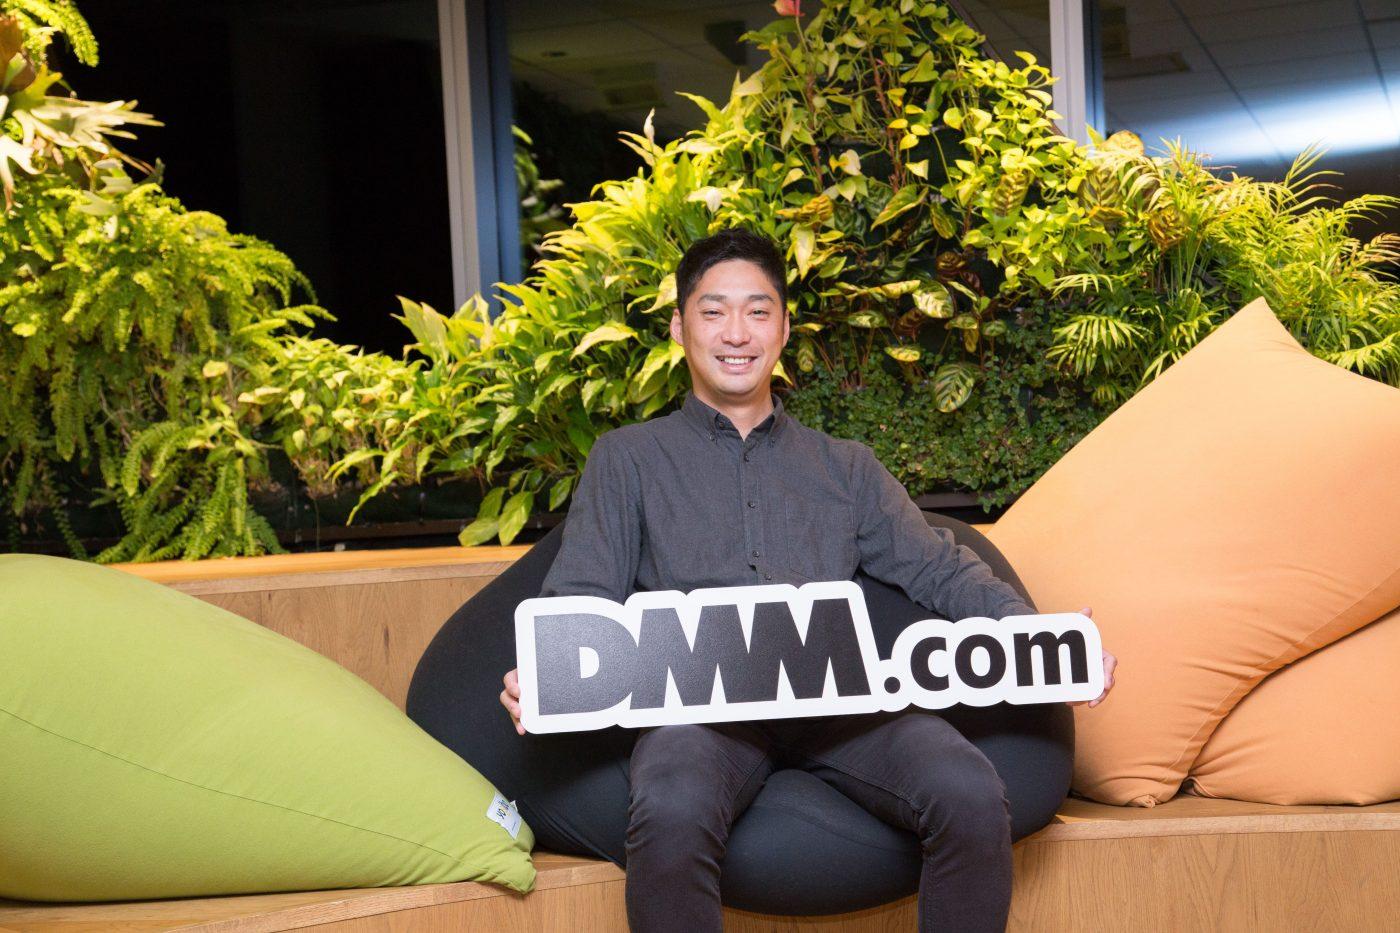 事業会社がスタートアップに投資を行うコーポレートベンチャーキャピタル(CVC)が増えている中、DMMが新たにファンドの設立を発表した。「DMM VENTURES」と名付けられたこのCVCは、100億円規模でマイノリティ出資を行なっていく。